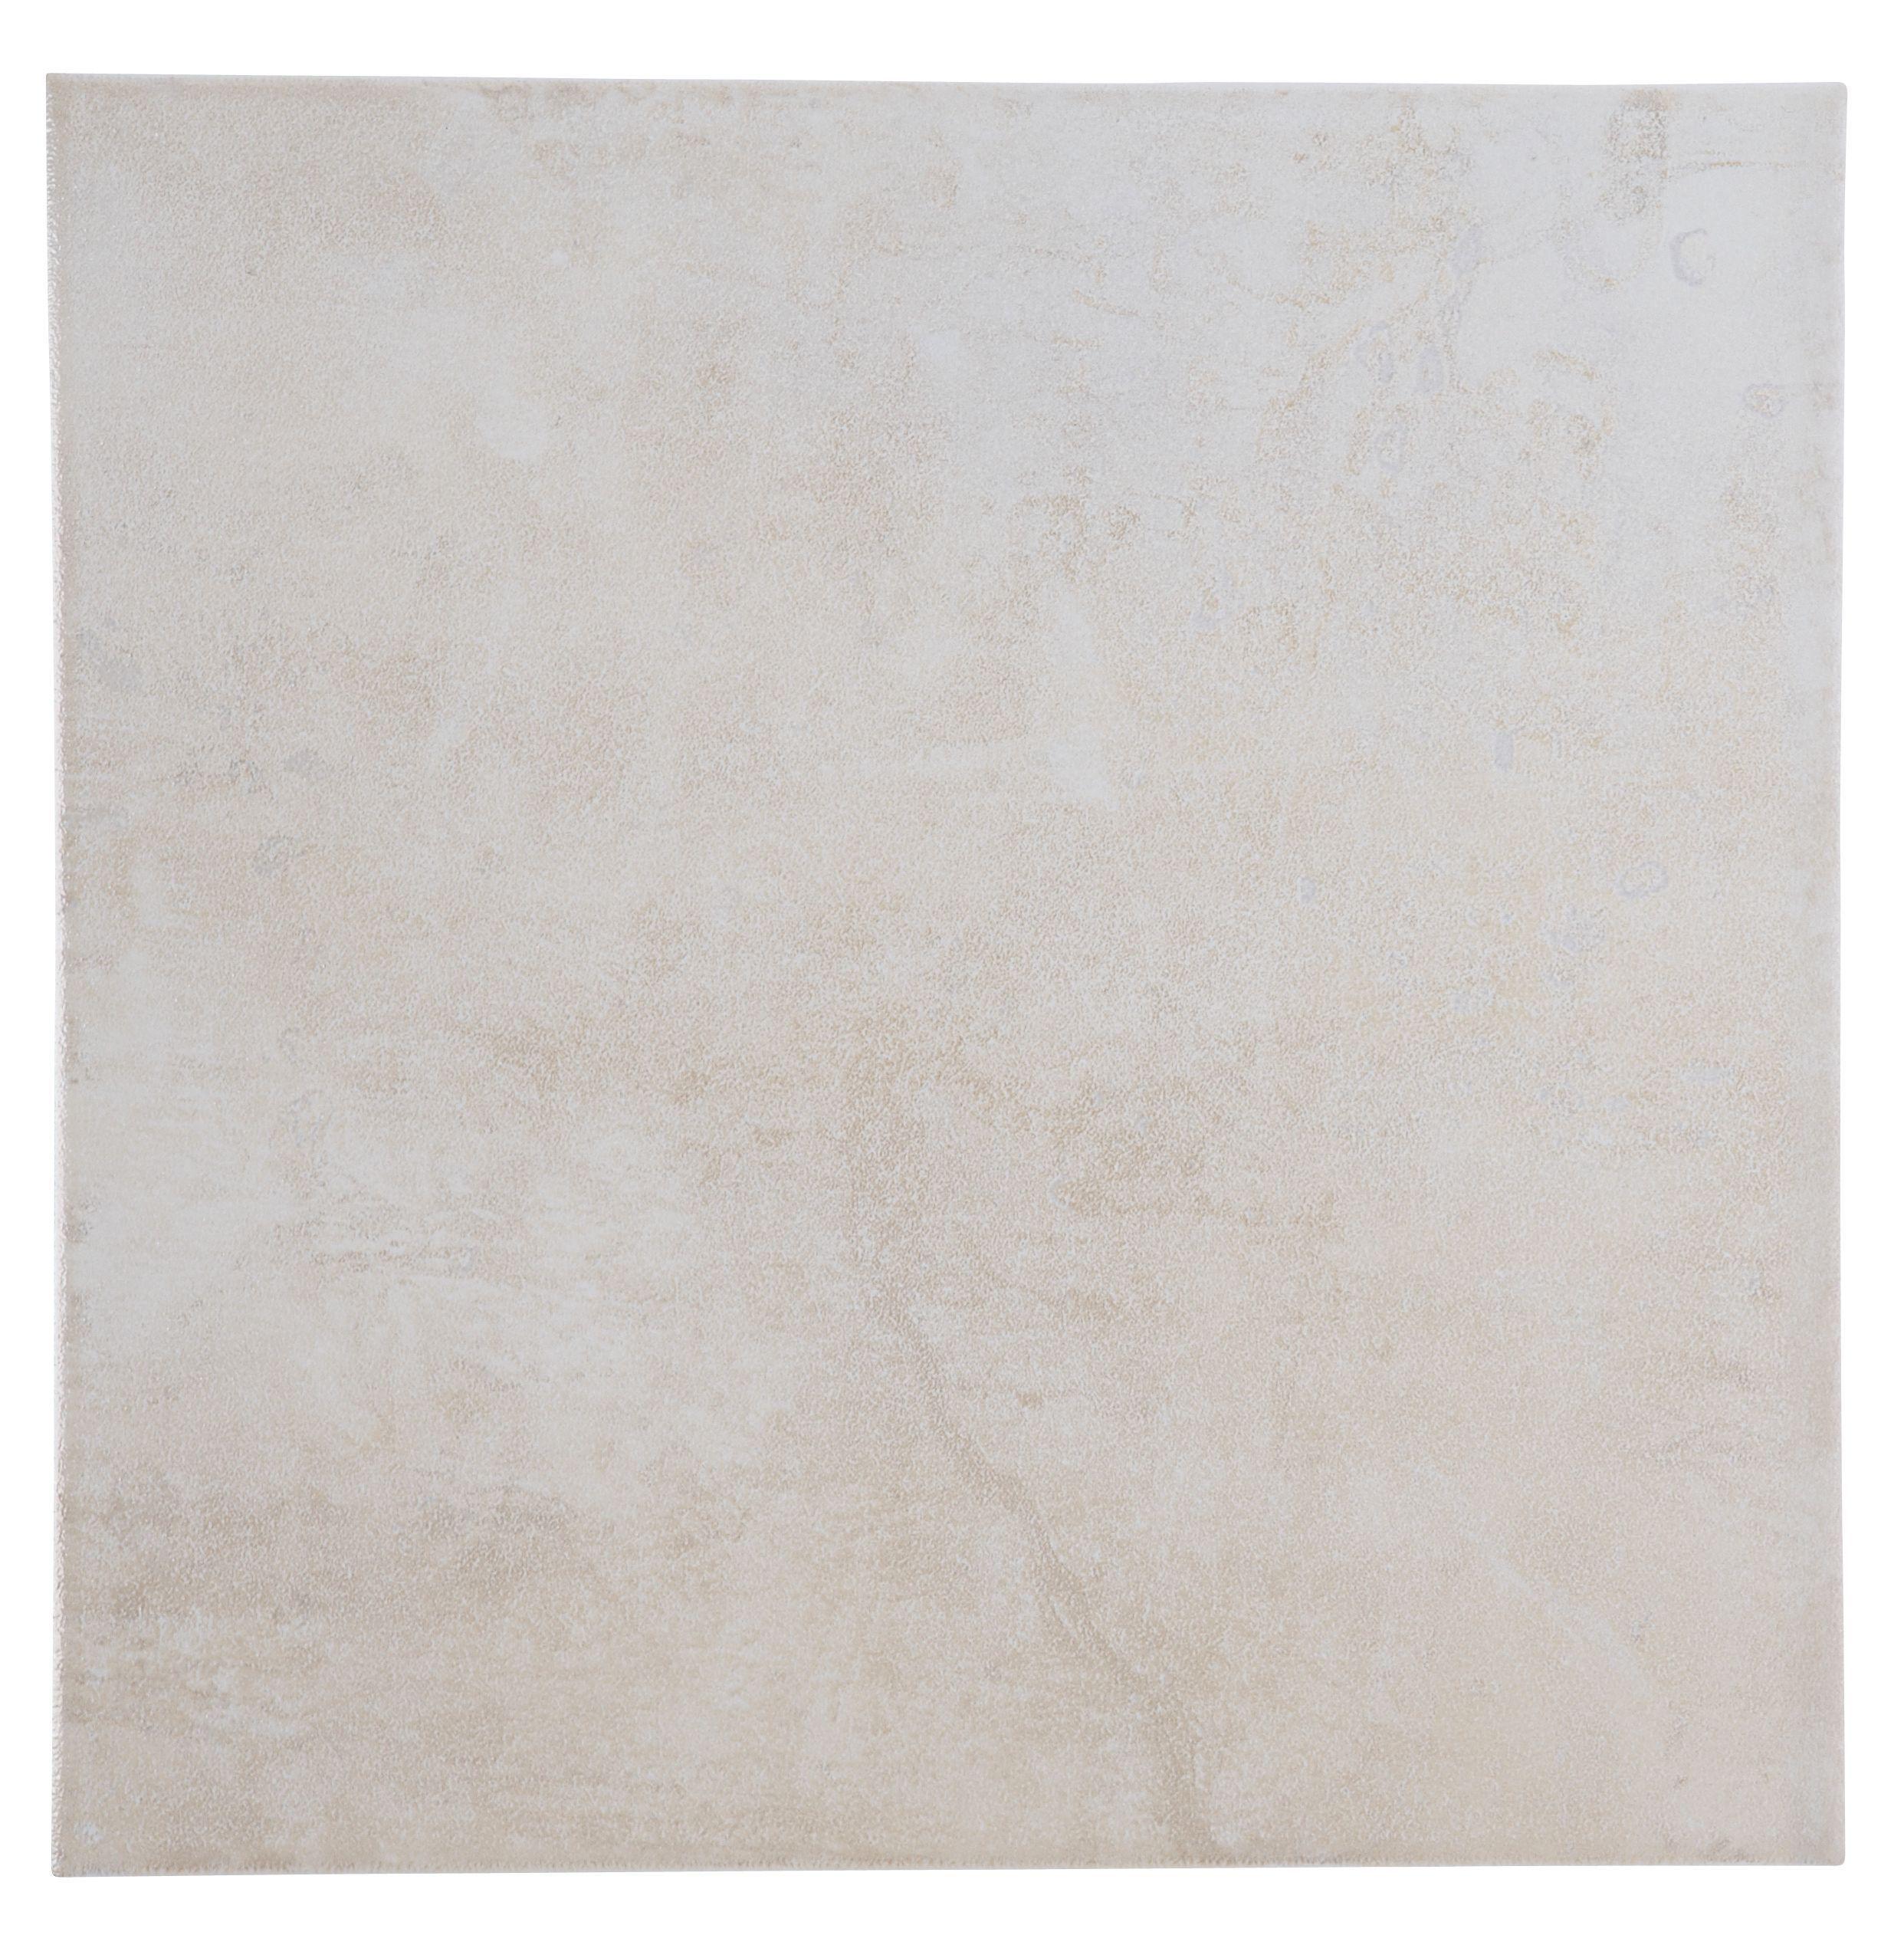 Bq Kitchen Floor Tiles Umbria Black Porcelain Floor Tile Pack Of 9 L333mm W333mm